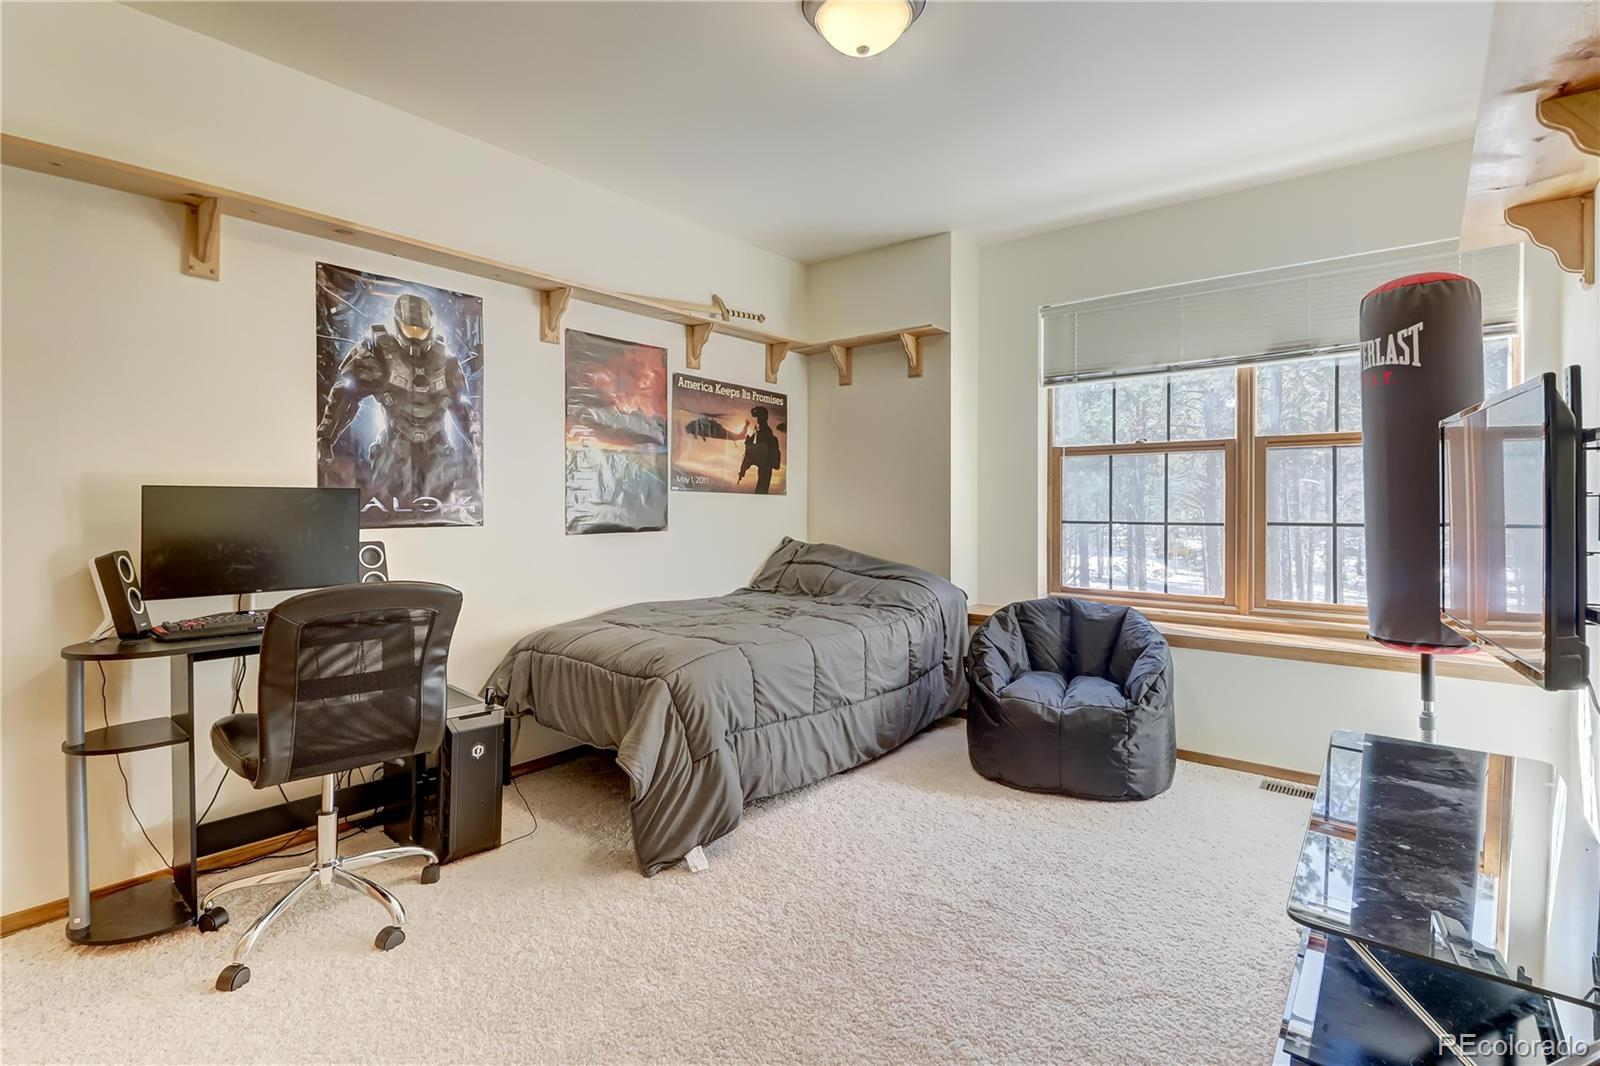 MLS# 9506702 - 21 - 8180 Tannenbaum Road, Colorado Springs, CO 80908